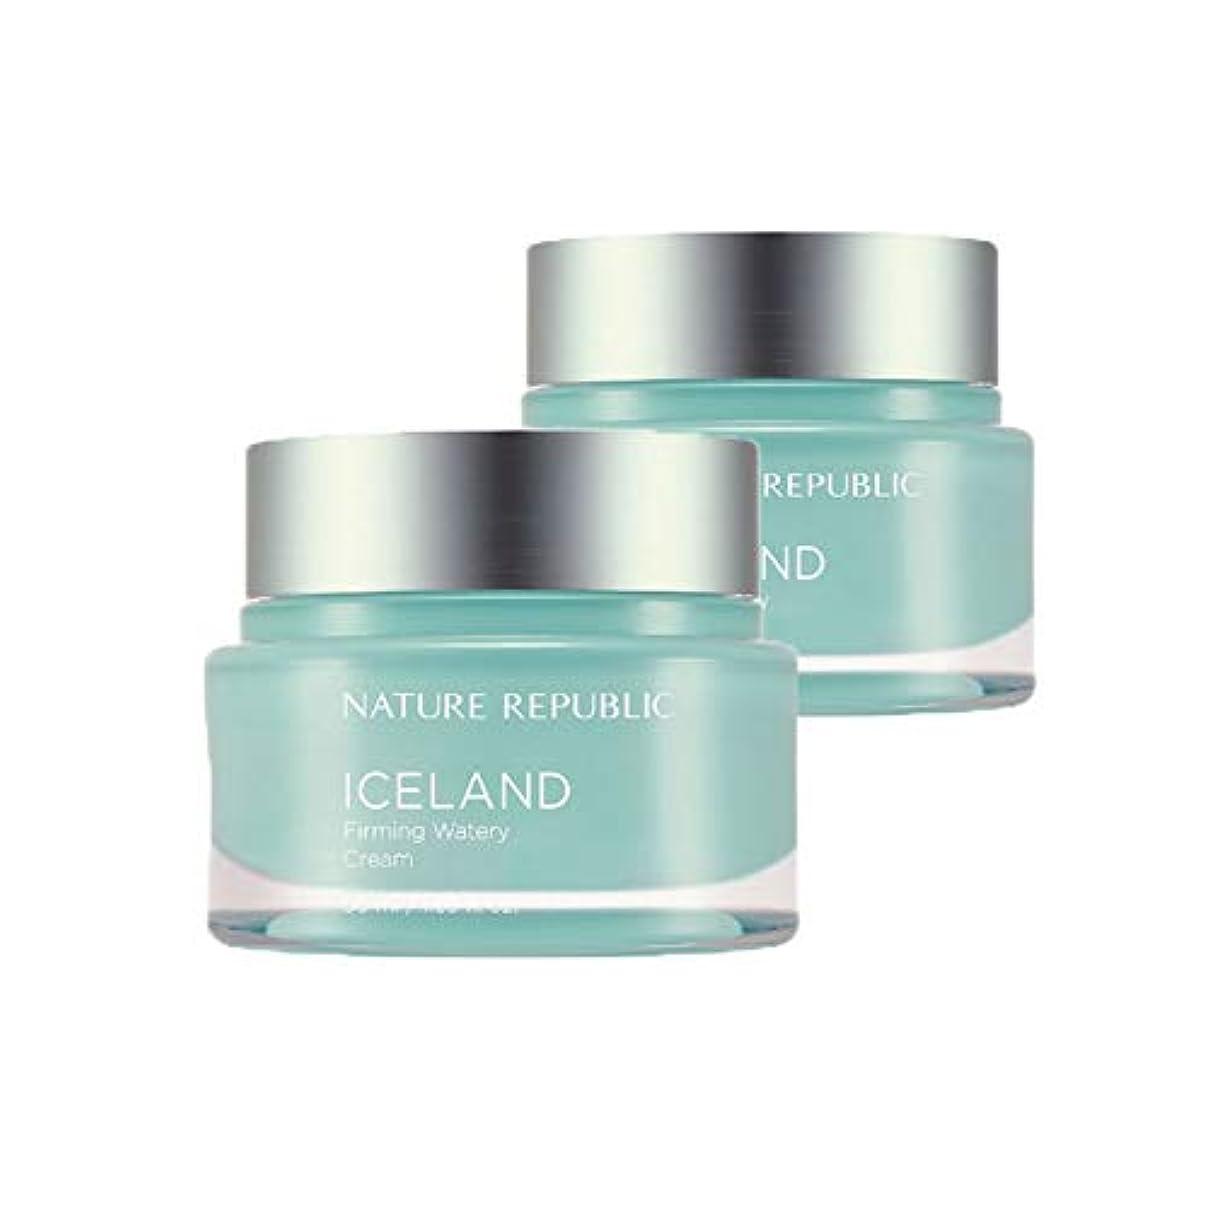 ネイチャーリパブリックアイスランドファーミング水分クリーム50mlx2本セット韓国コスメ、Nature Republic Iceland Firming Watery Cream 50ml x 2ea Set Korean...